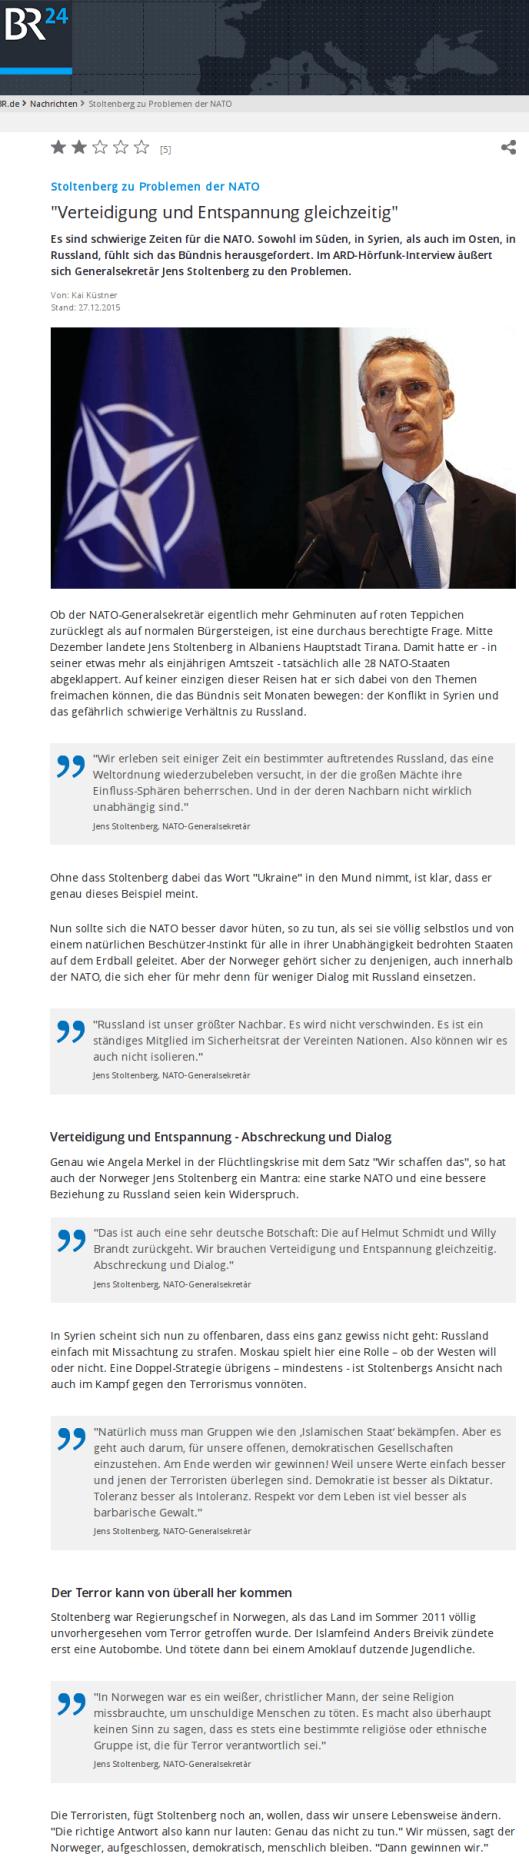 WDR_Küstner_NATO688